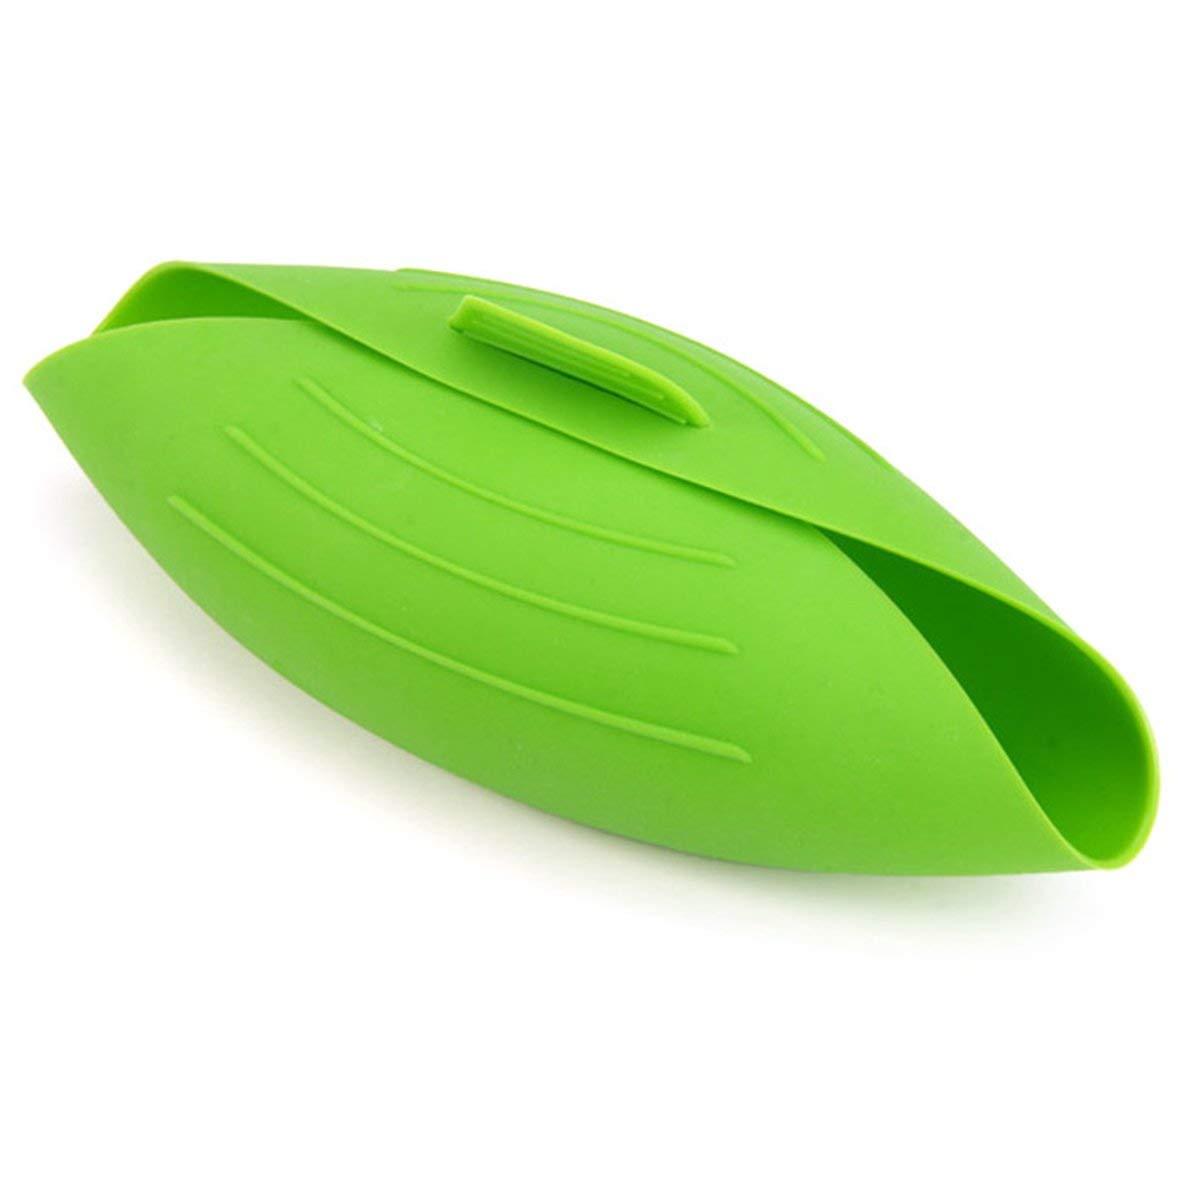 Heaviesk Flexible Horno de microondas Vaporera Universal de ...